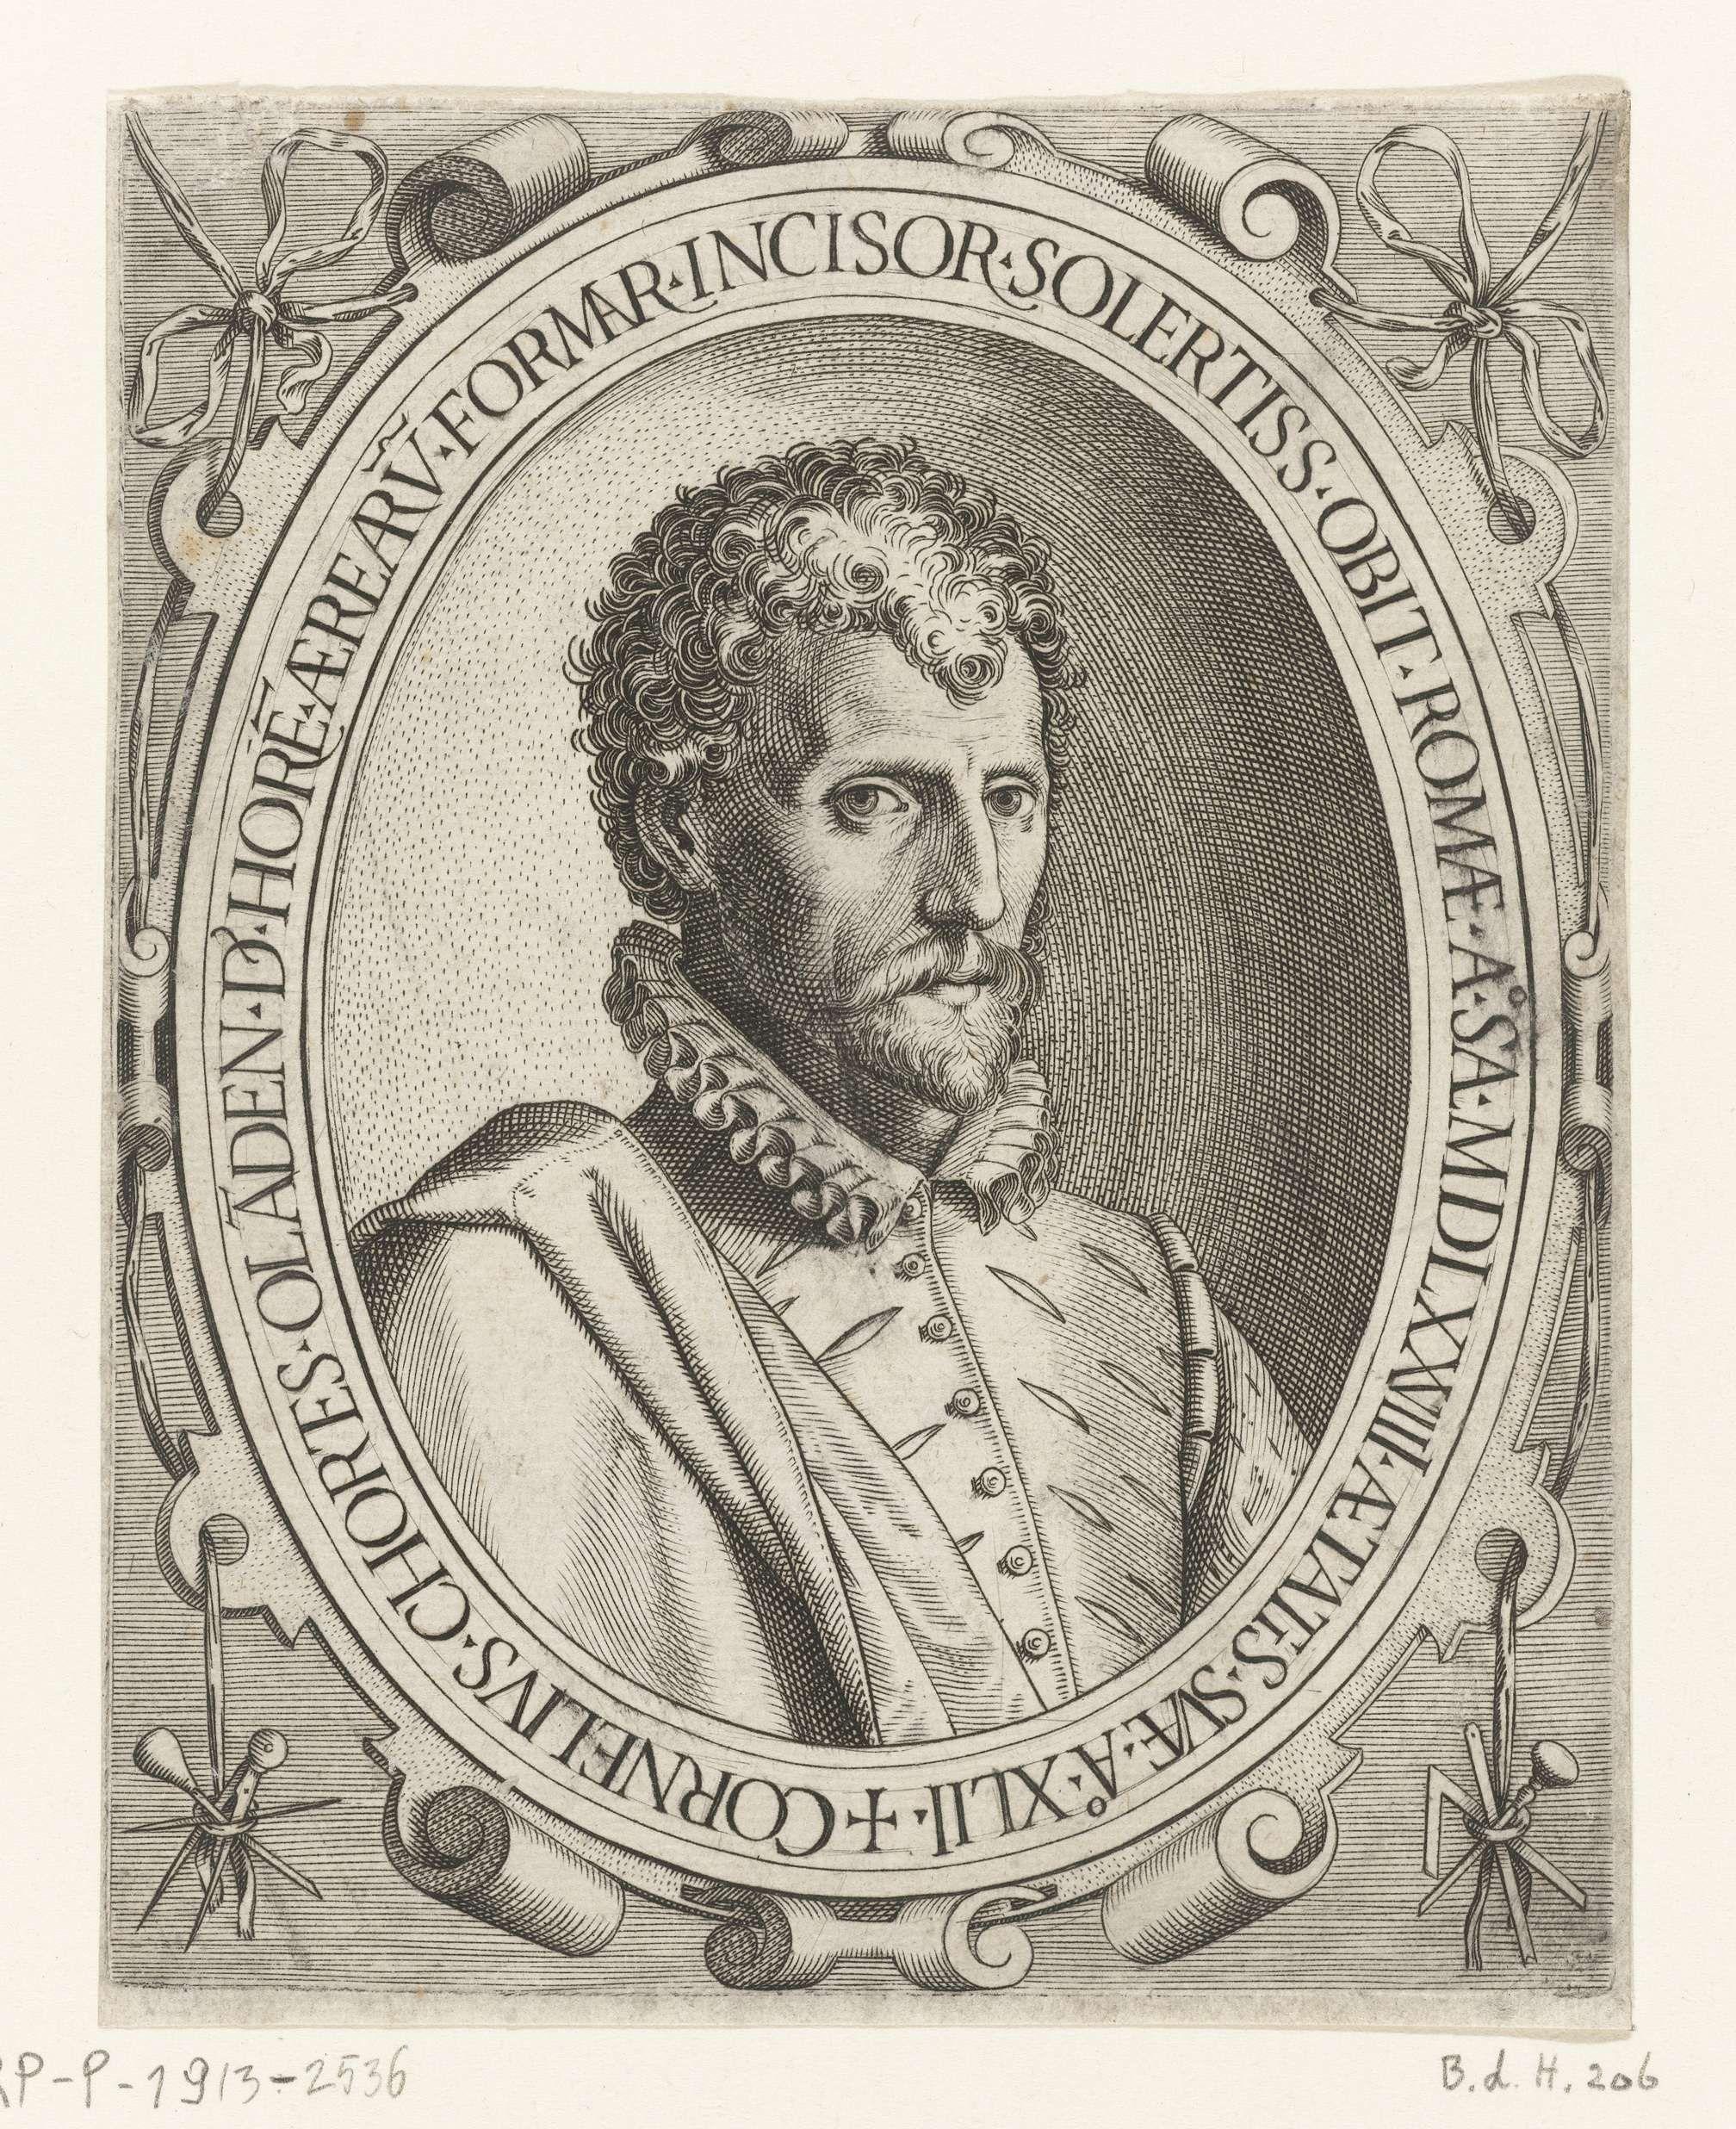 Gijsbert van Veen | Portret van Cornelis Cort, Gijsbert van Veen, Anonymous, Lodewijk Toeput, in or after 1578 | Portret van de graveur Cornelis Cort, op 42-jarige leeftijd, in ovaal met randschrift.